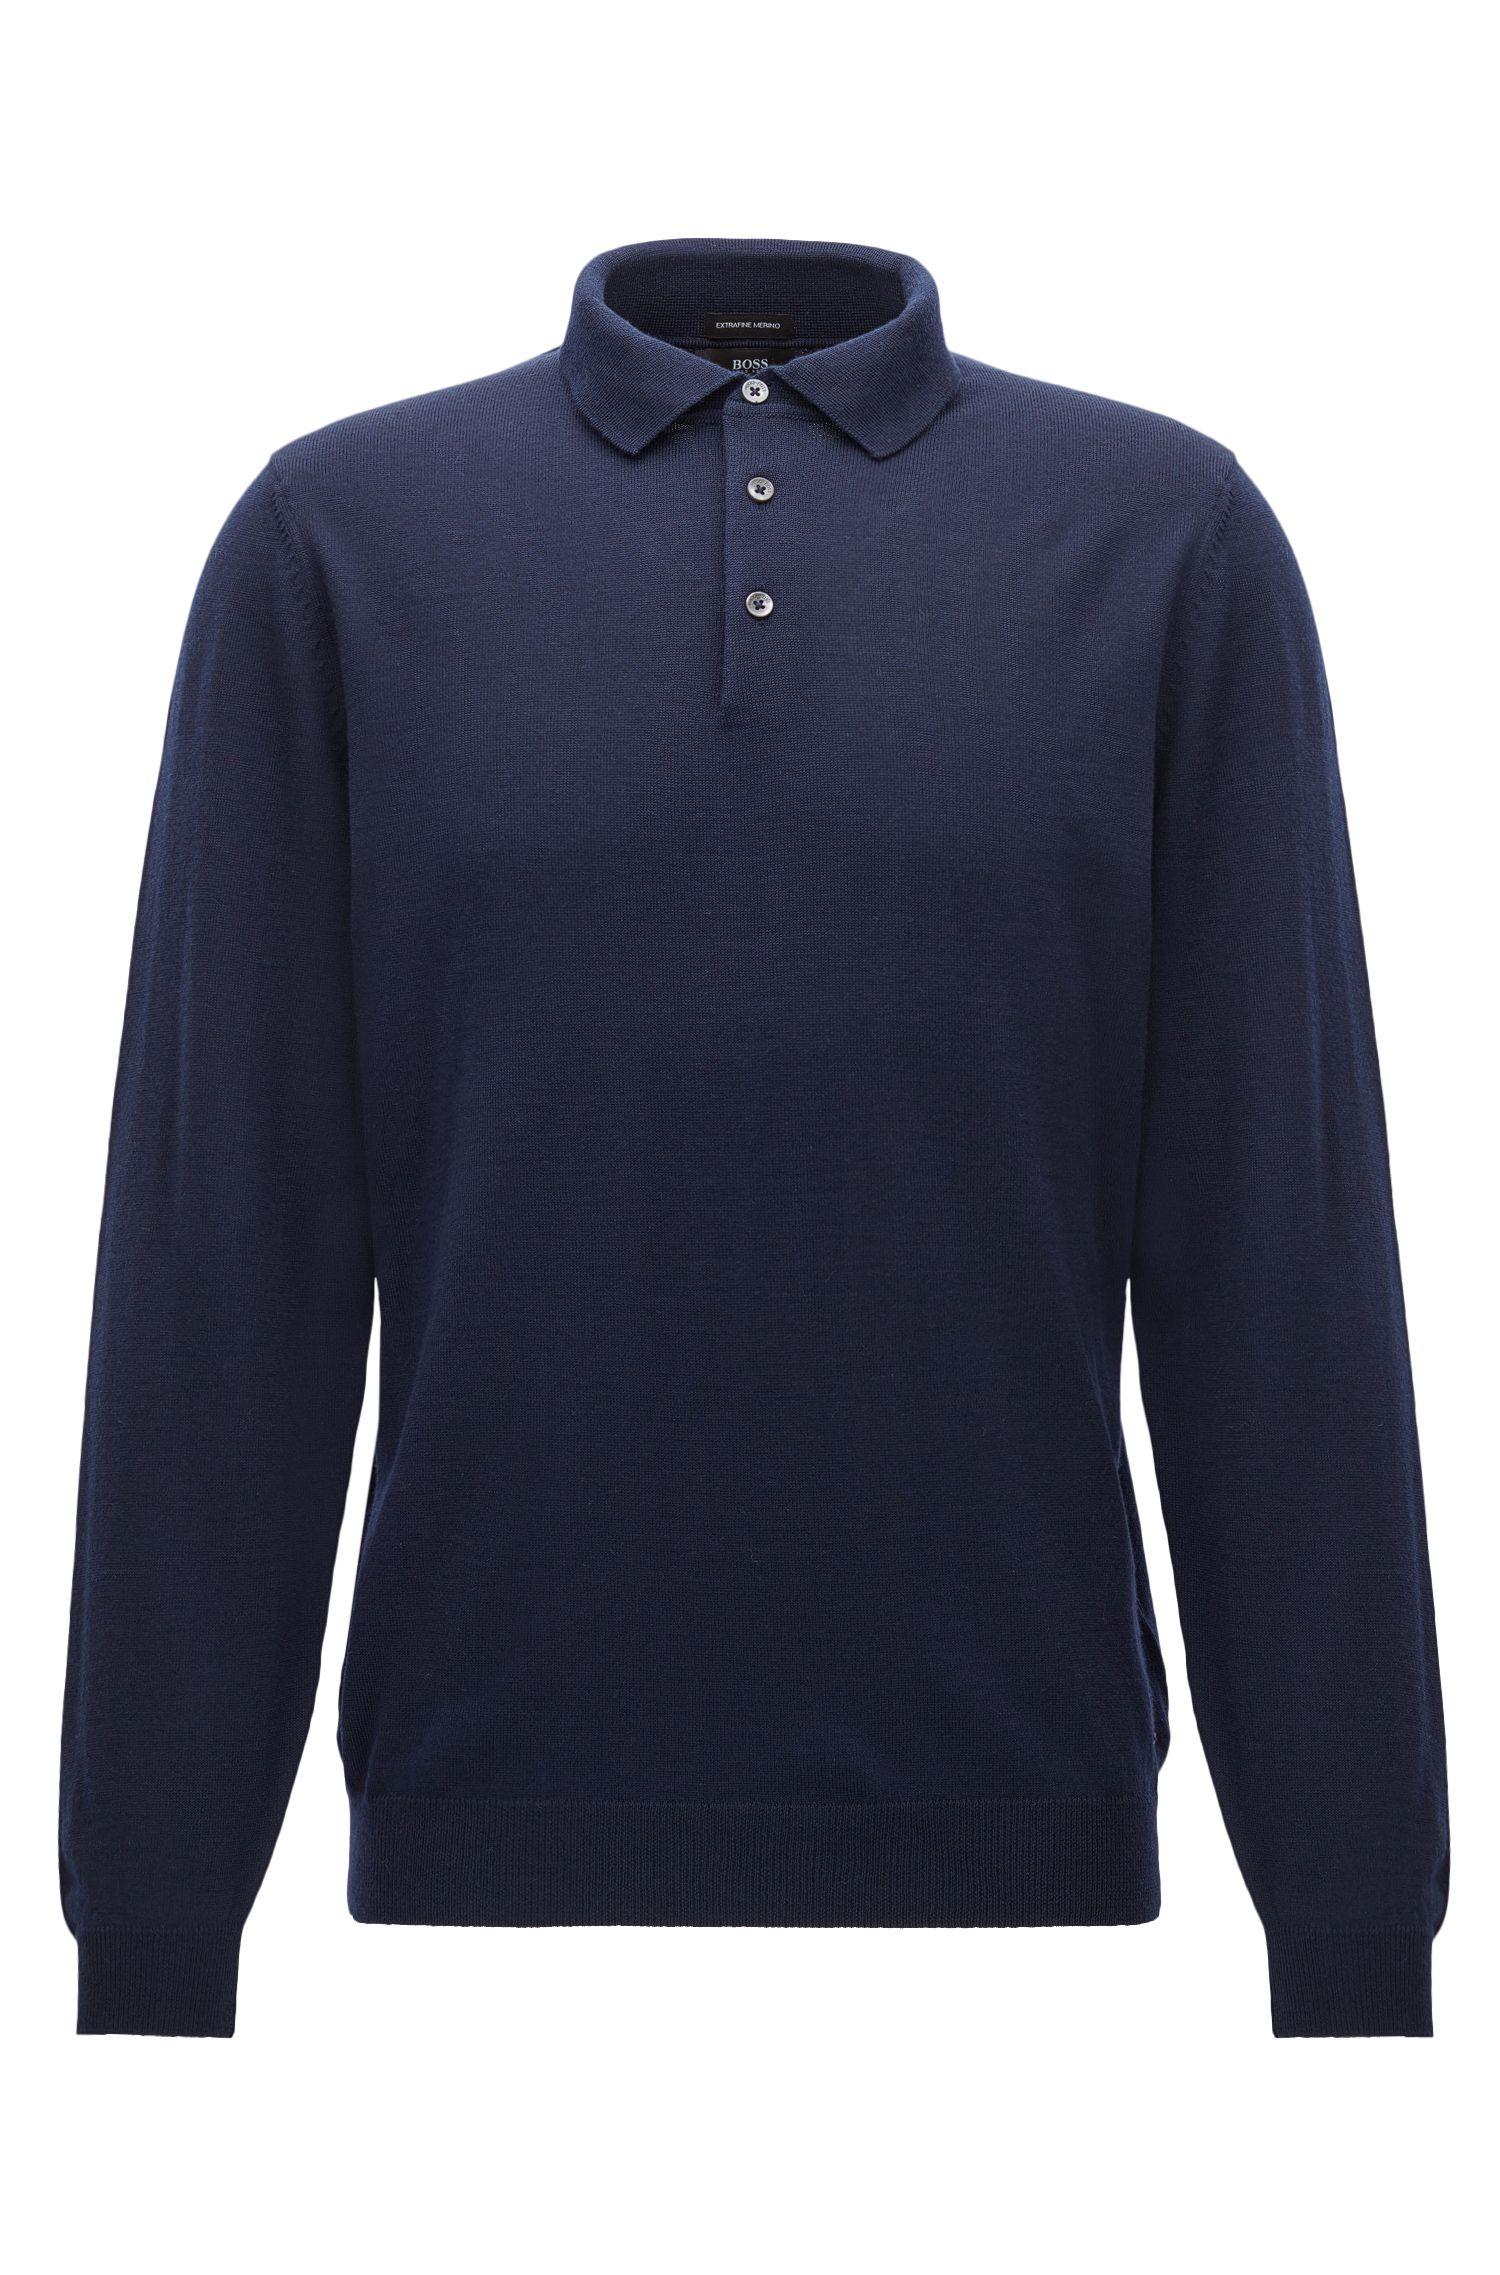 Maglione a maniche lunghe con colletto polo in lana vergine